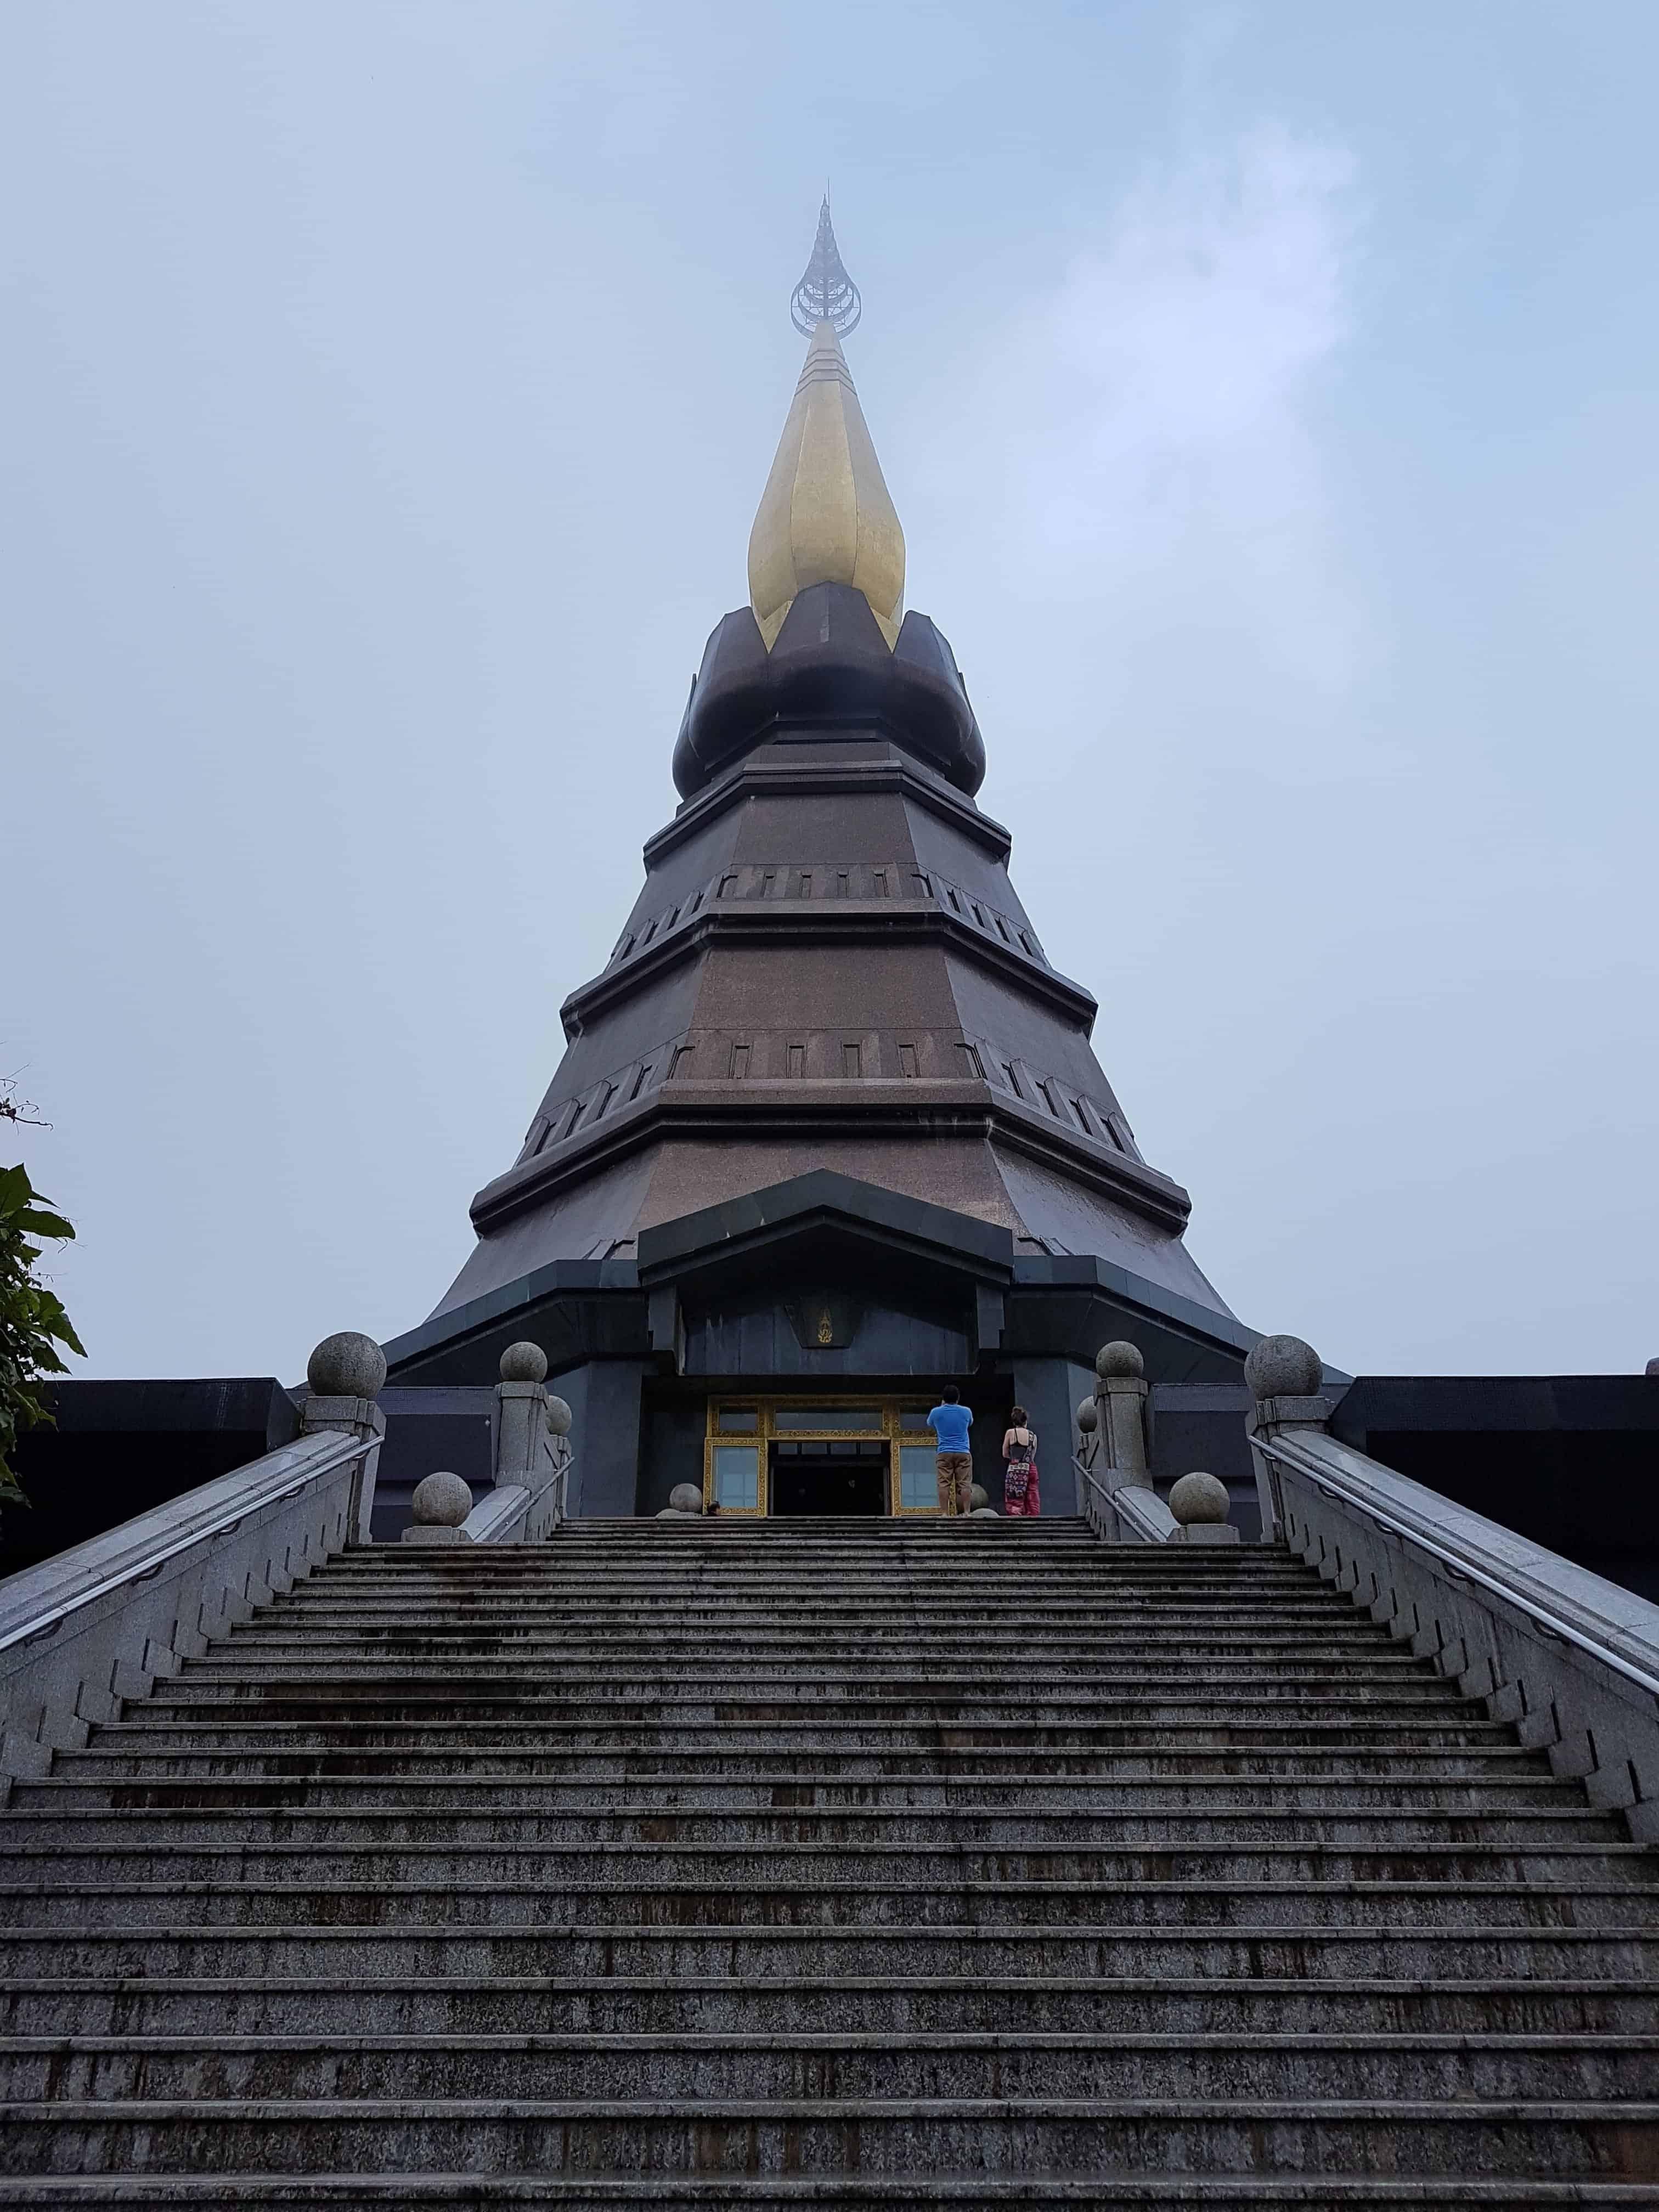 Thaïlande, King and Queen Pagoda le temple le plus haut du pays 🛕 10